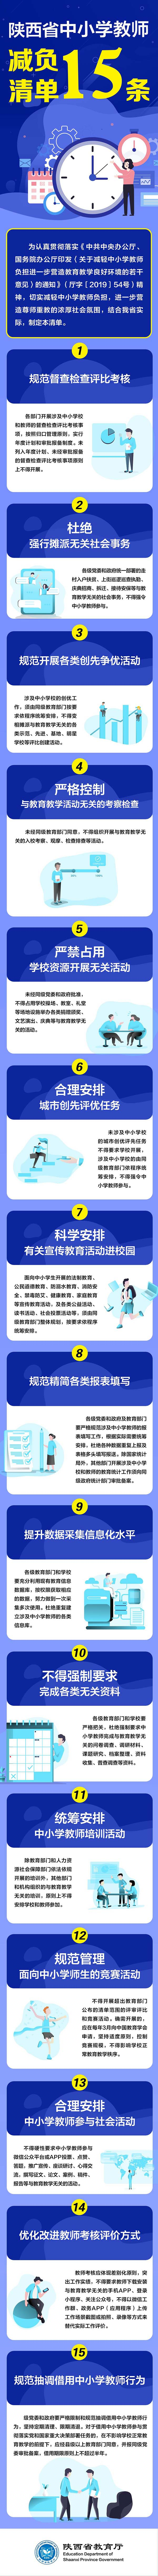 为中小学教师减负,陕西发布15条清单